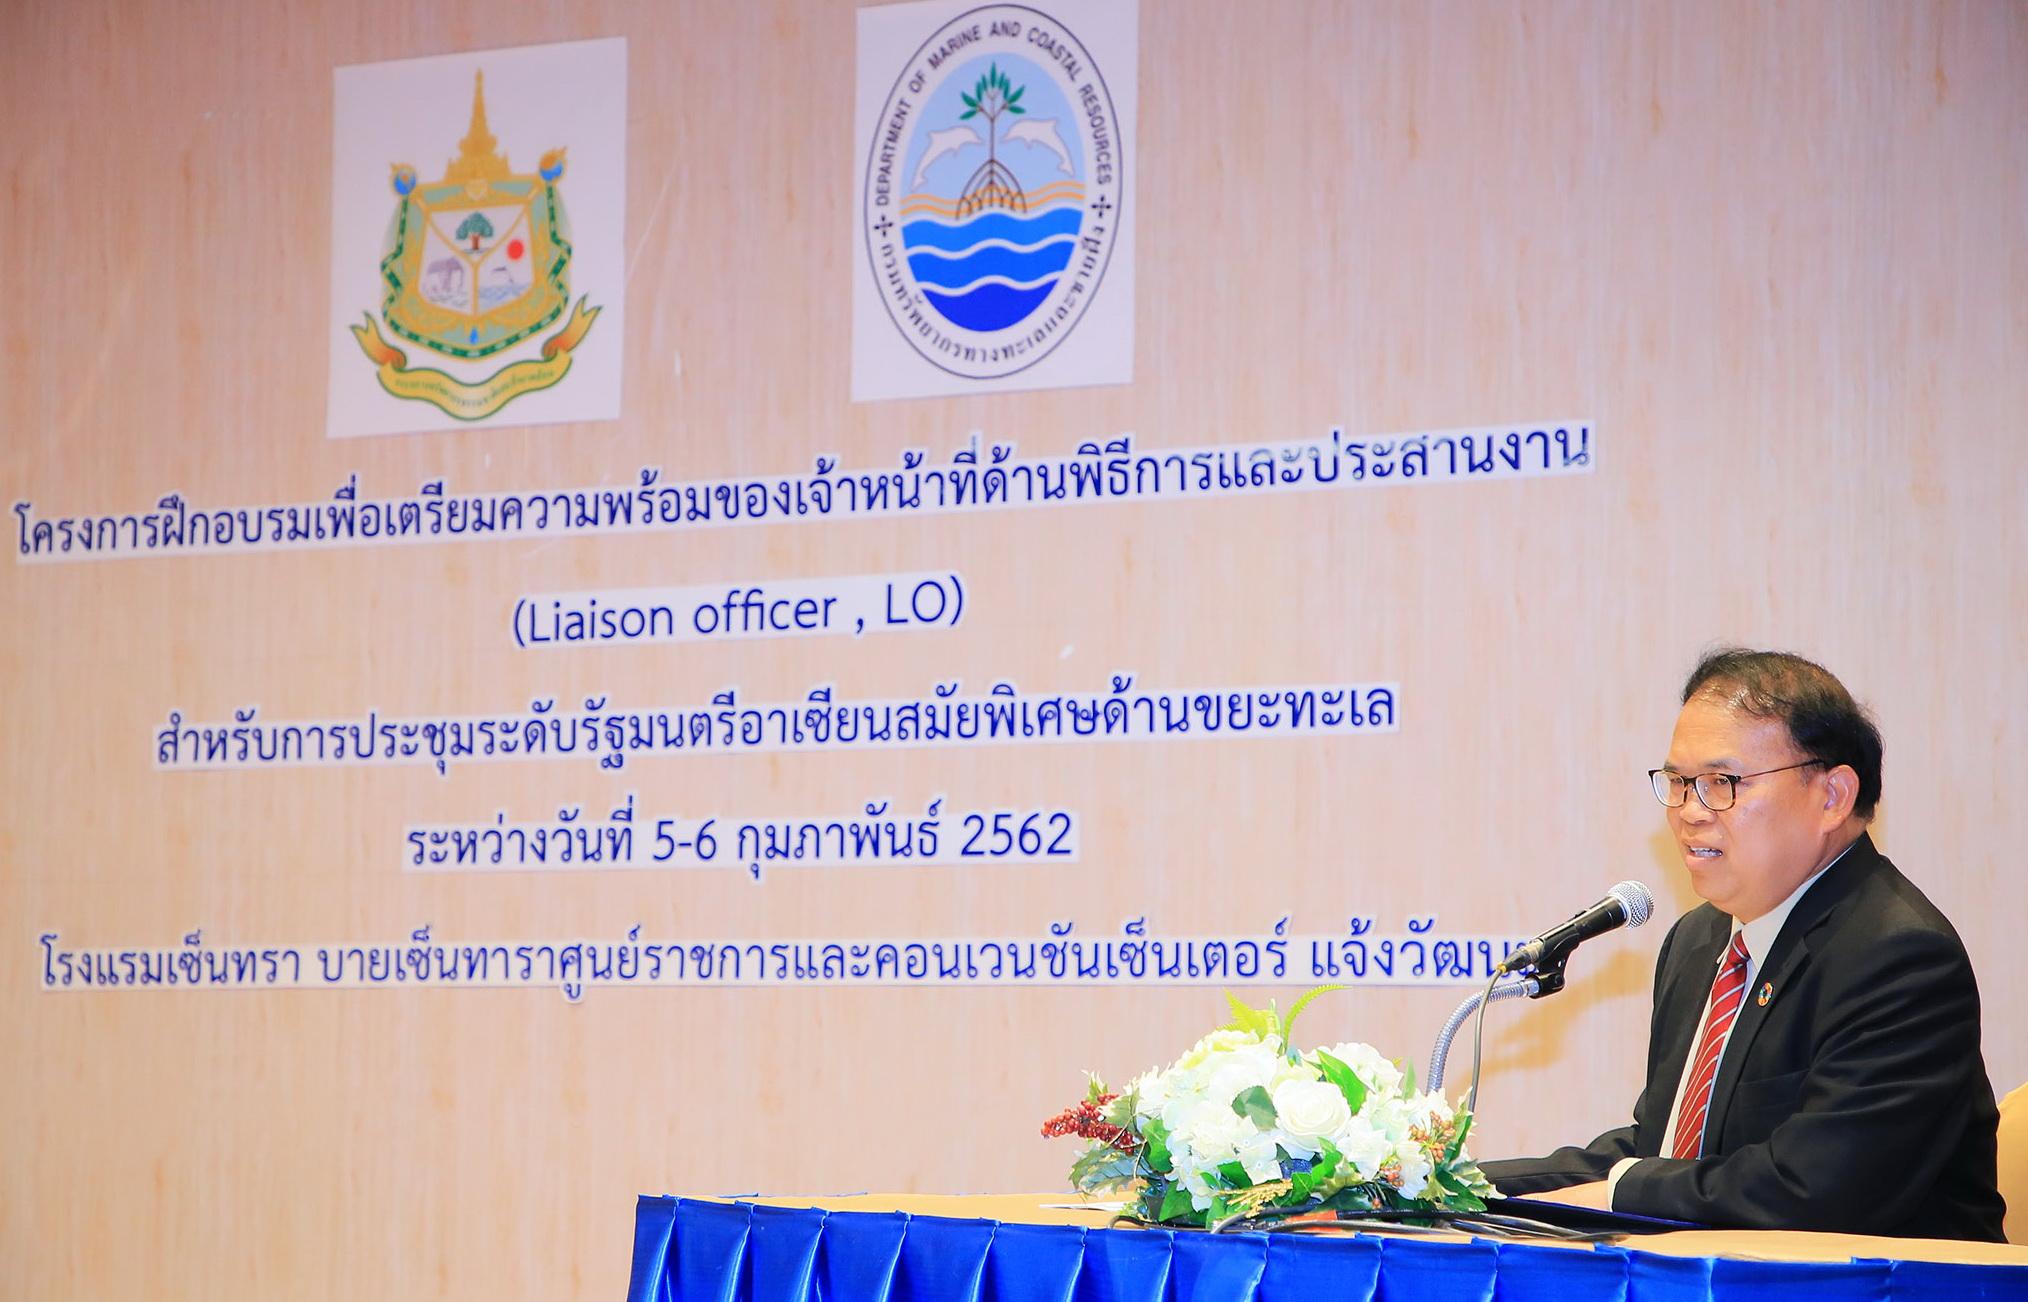 ทช. ฝึกอบรมเพื่อเตรียมความพร้อมเจ้าหน้าที่ด้านพิธีการและประสานงาน (Liaison officer: LO)